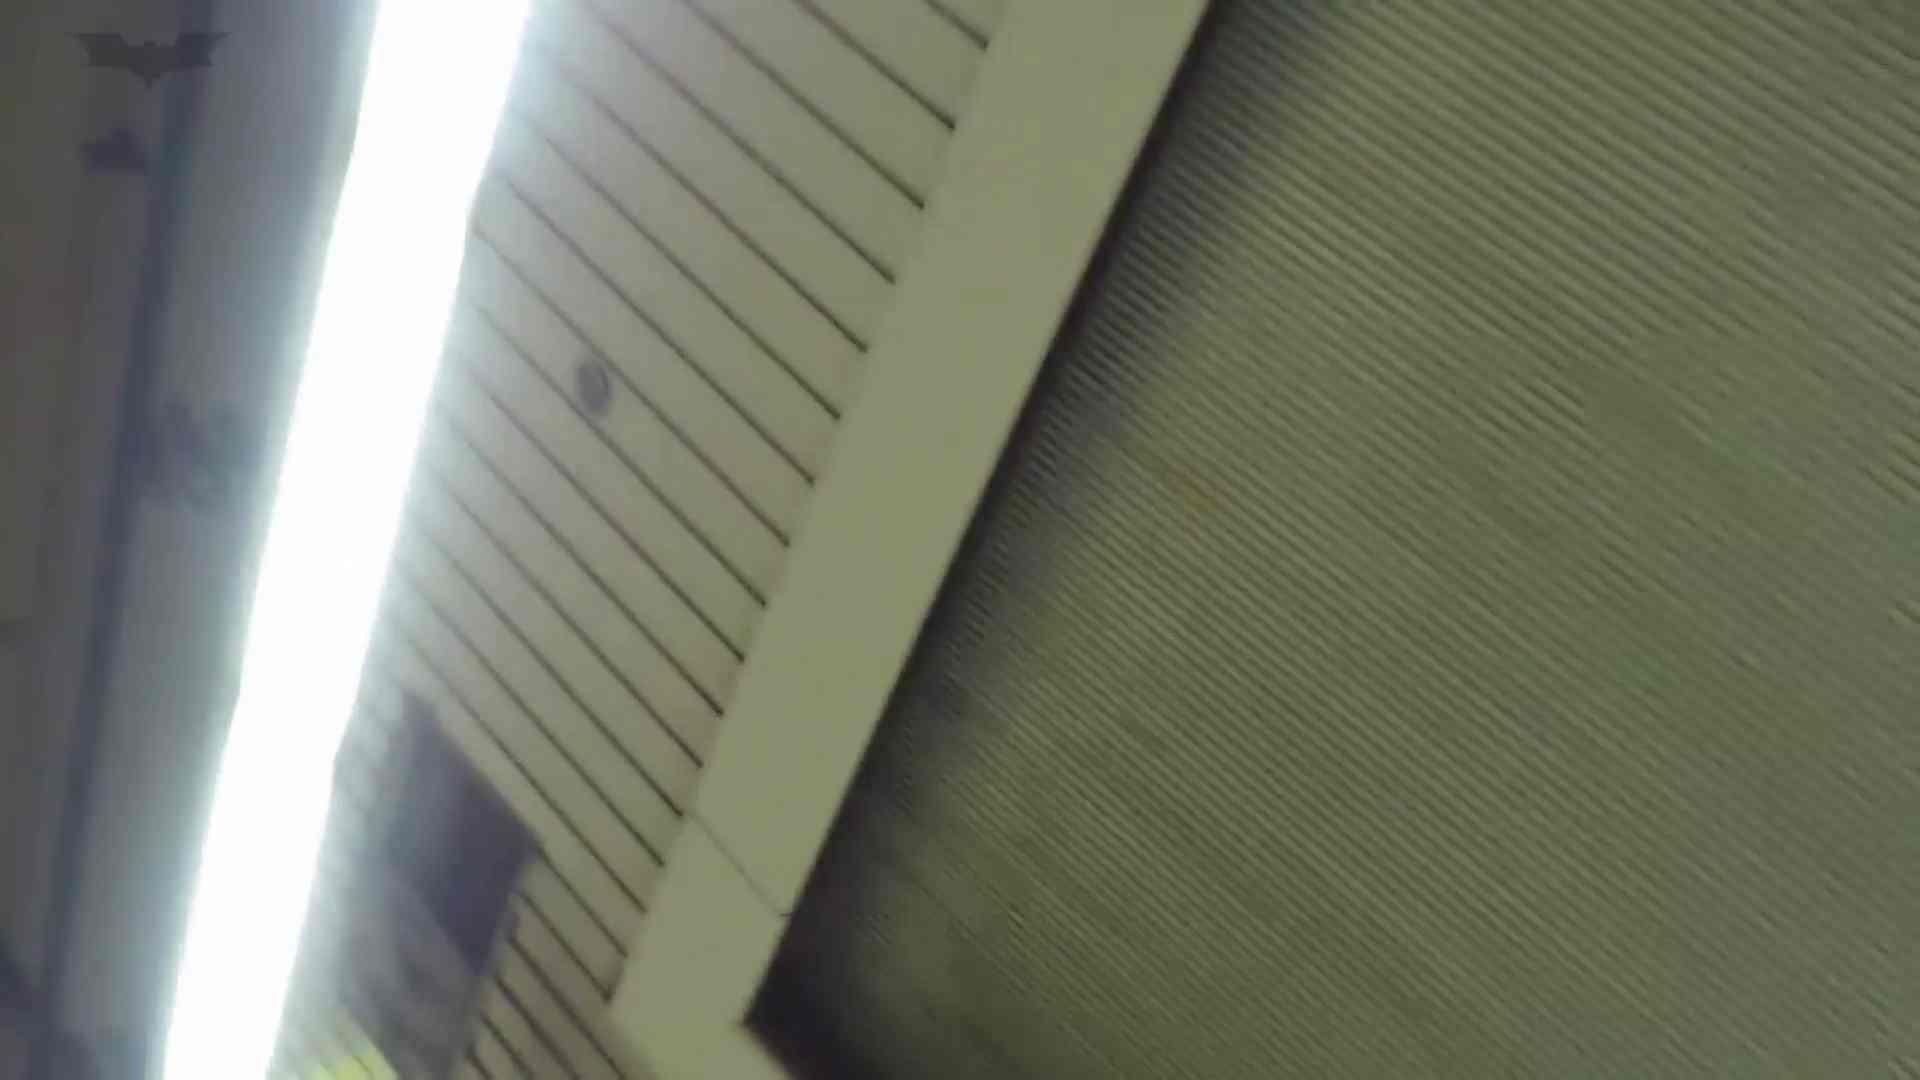 盗撮列車 Vol.55 黄色の爽やかなスカートが大好きです。 盗撮編 AV無料動画キャプチャ 89枚 34